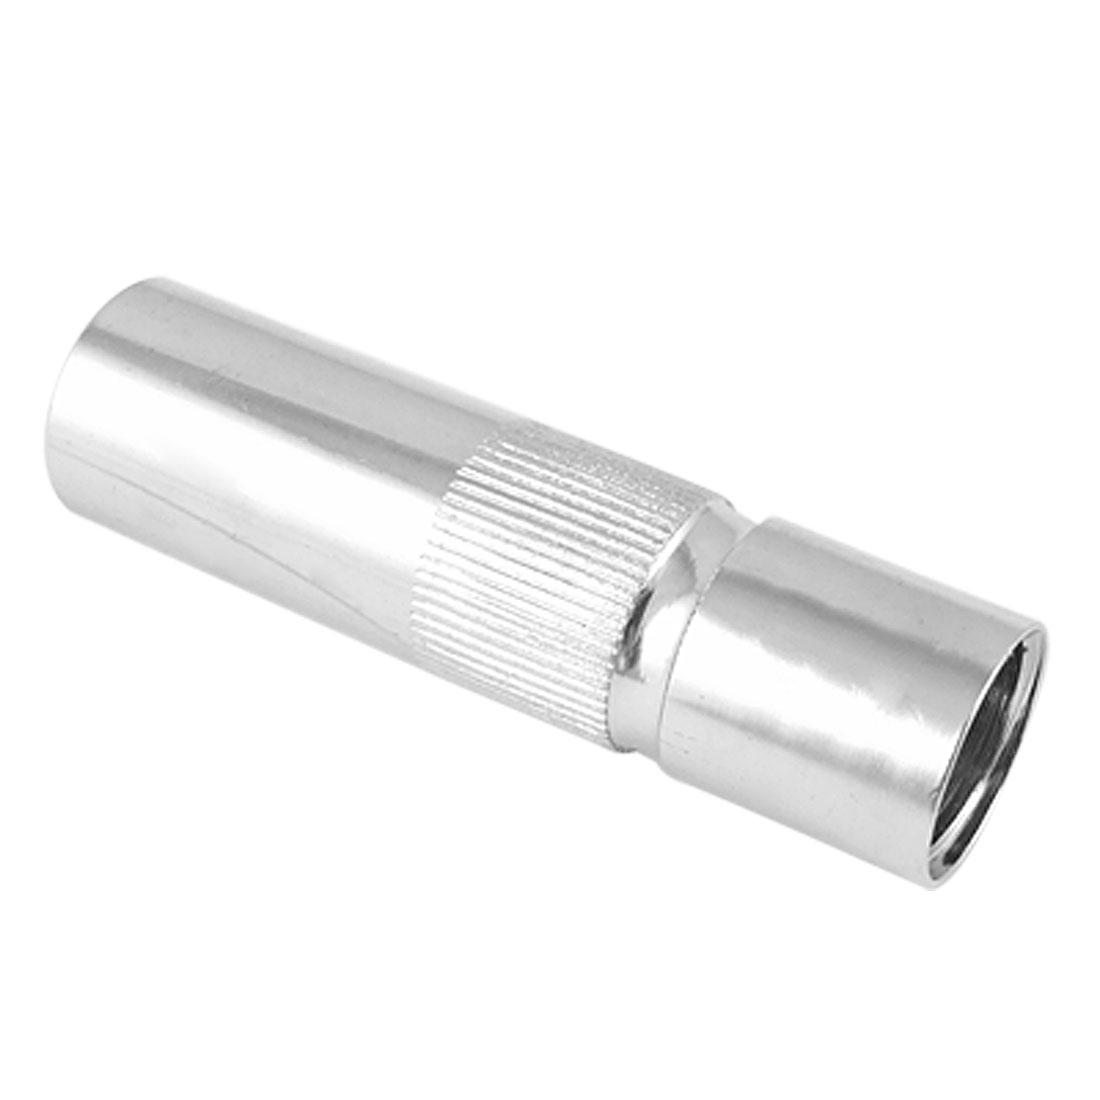 24mm External Dia 73mm Long Shroud Silver Tone for 350A Welding Gun